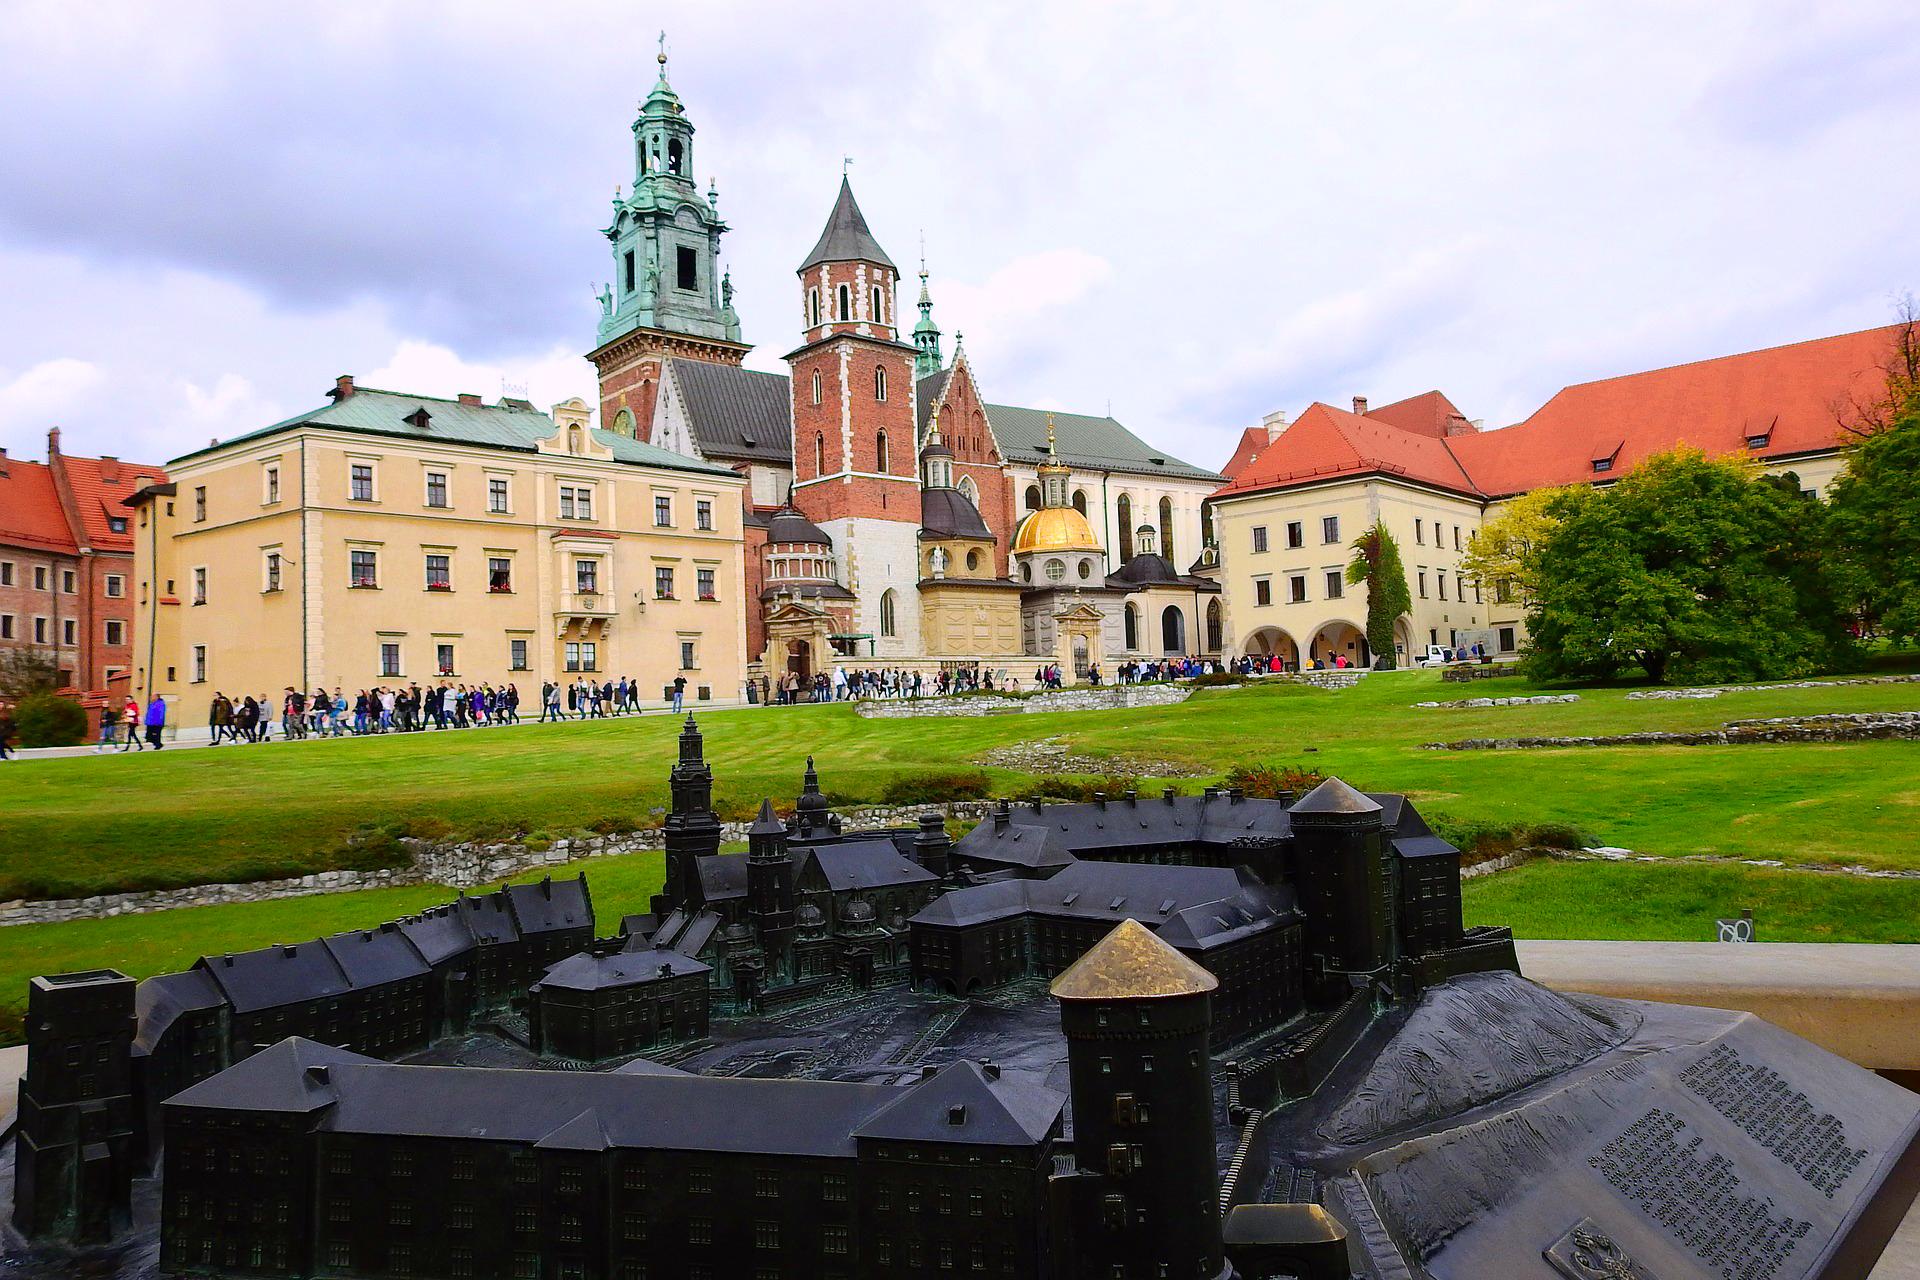 Qué ver en Cracovia, Krakow, Polonia, Poland qué ver en cracovia - 38652453590 b59fd85040 o - Qué ver en Cracovia, Polonia